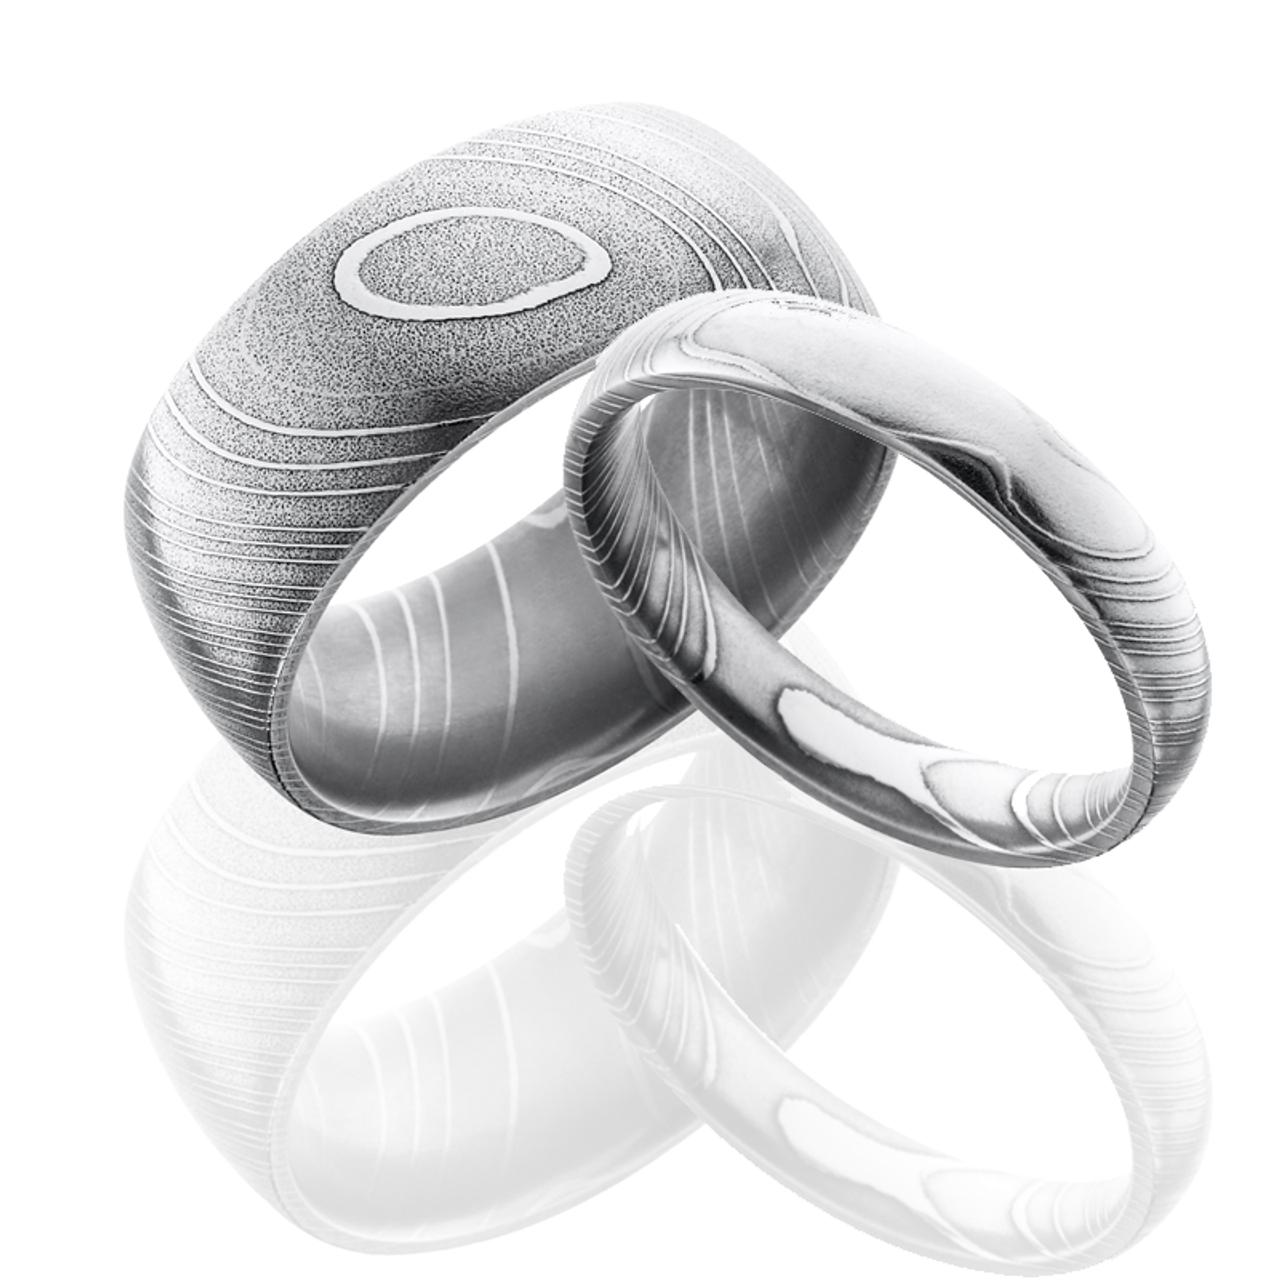 Damascus Steel Wedding Ring Set Free Shipping Camokix